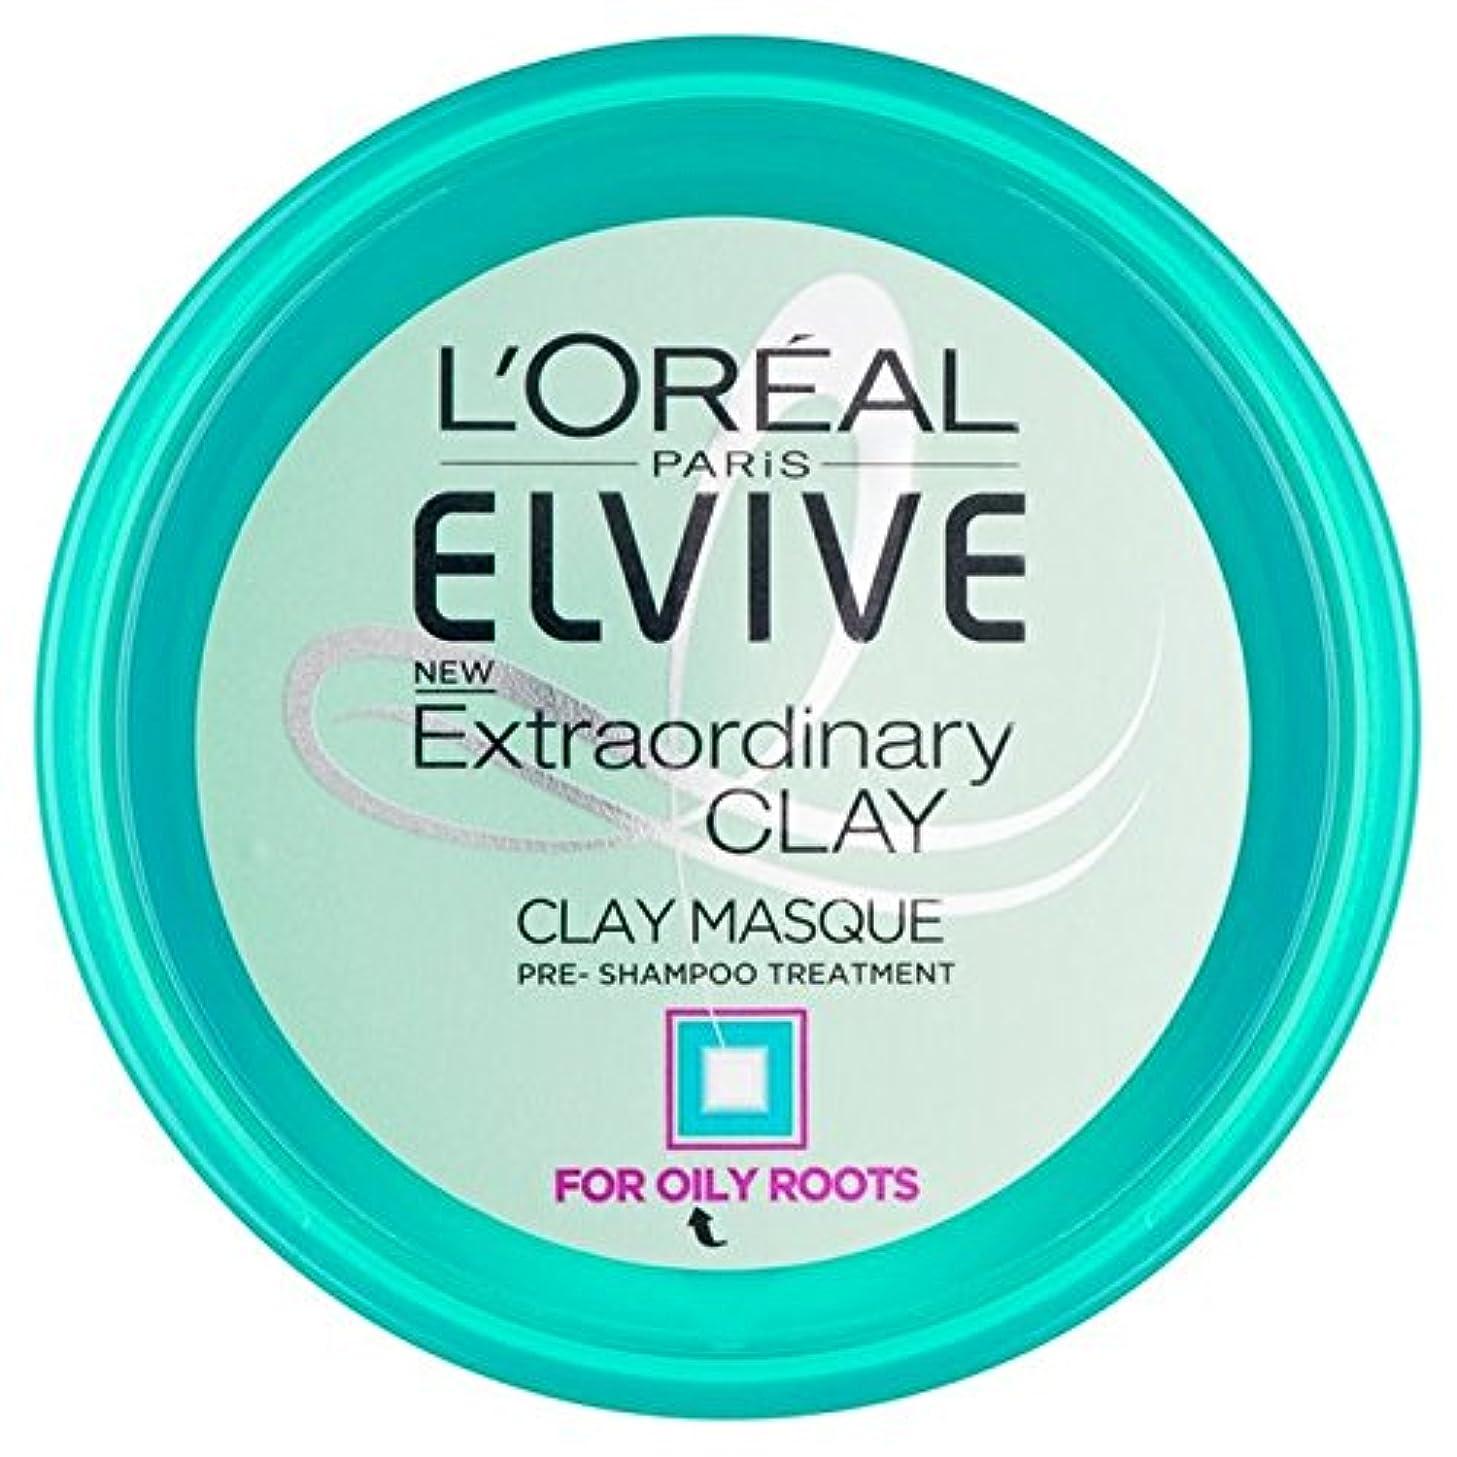 酸化するコテージピカソL'Oreal Paris Elvive Extraordinary Clay Masque Pre Shampoo Treatment 150ml - ロレアルパリ臨時粘土仮面前シャンプートリートメントローション150 [並行輸入品]